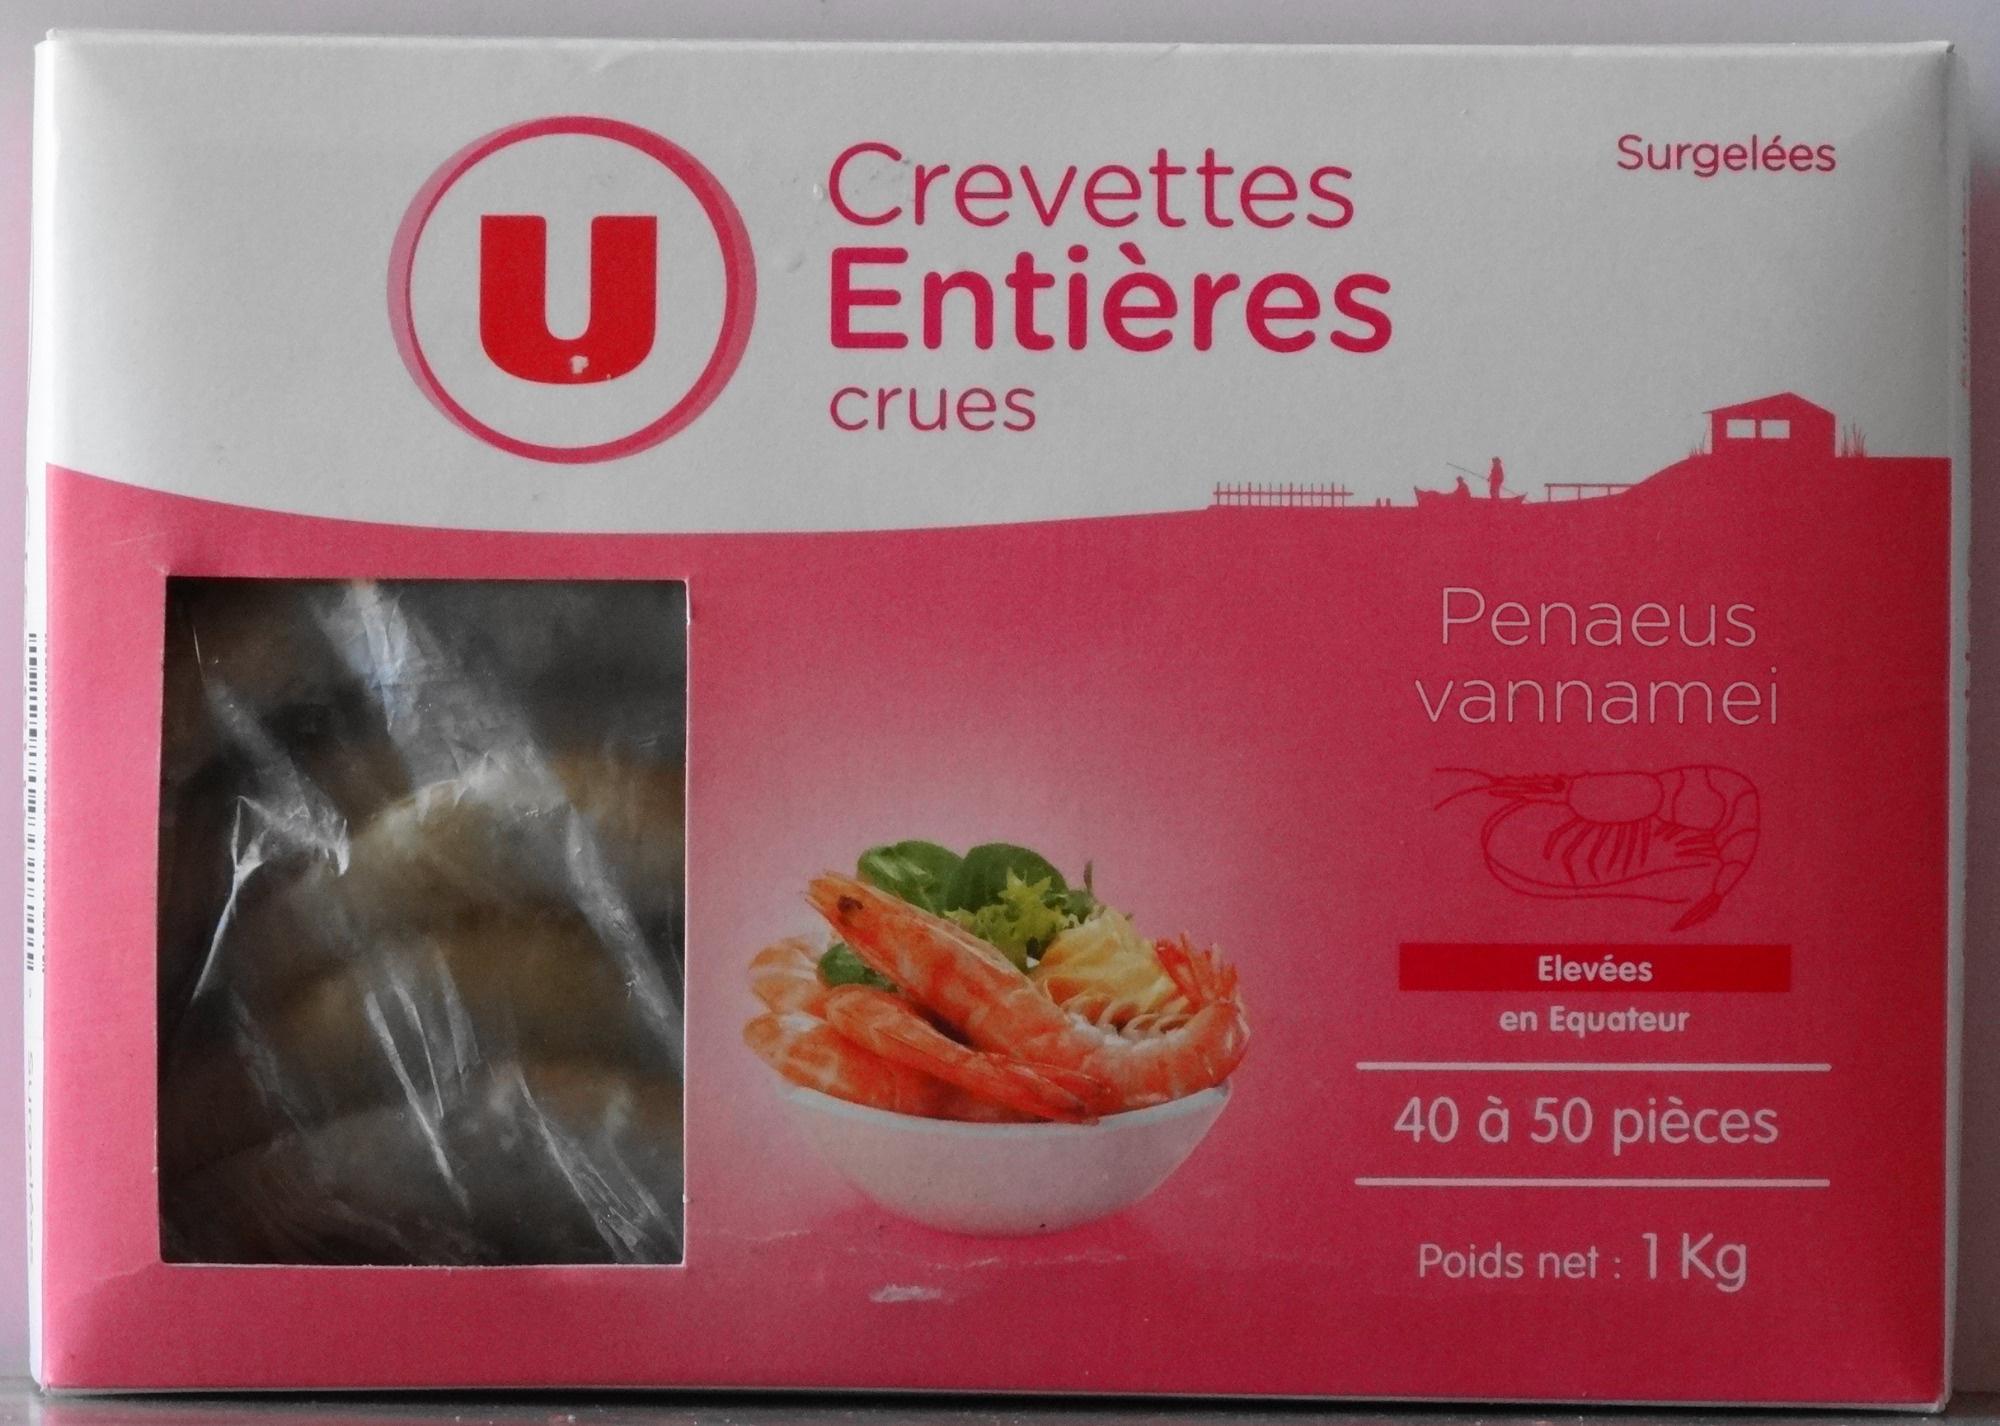 Crevettes entières crues - Product